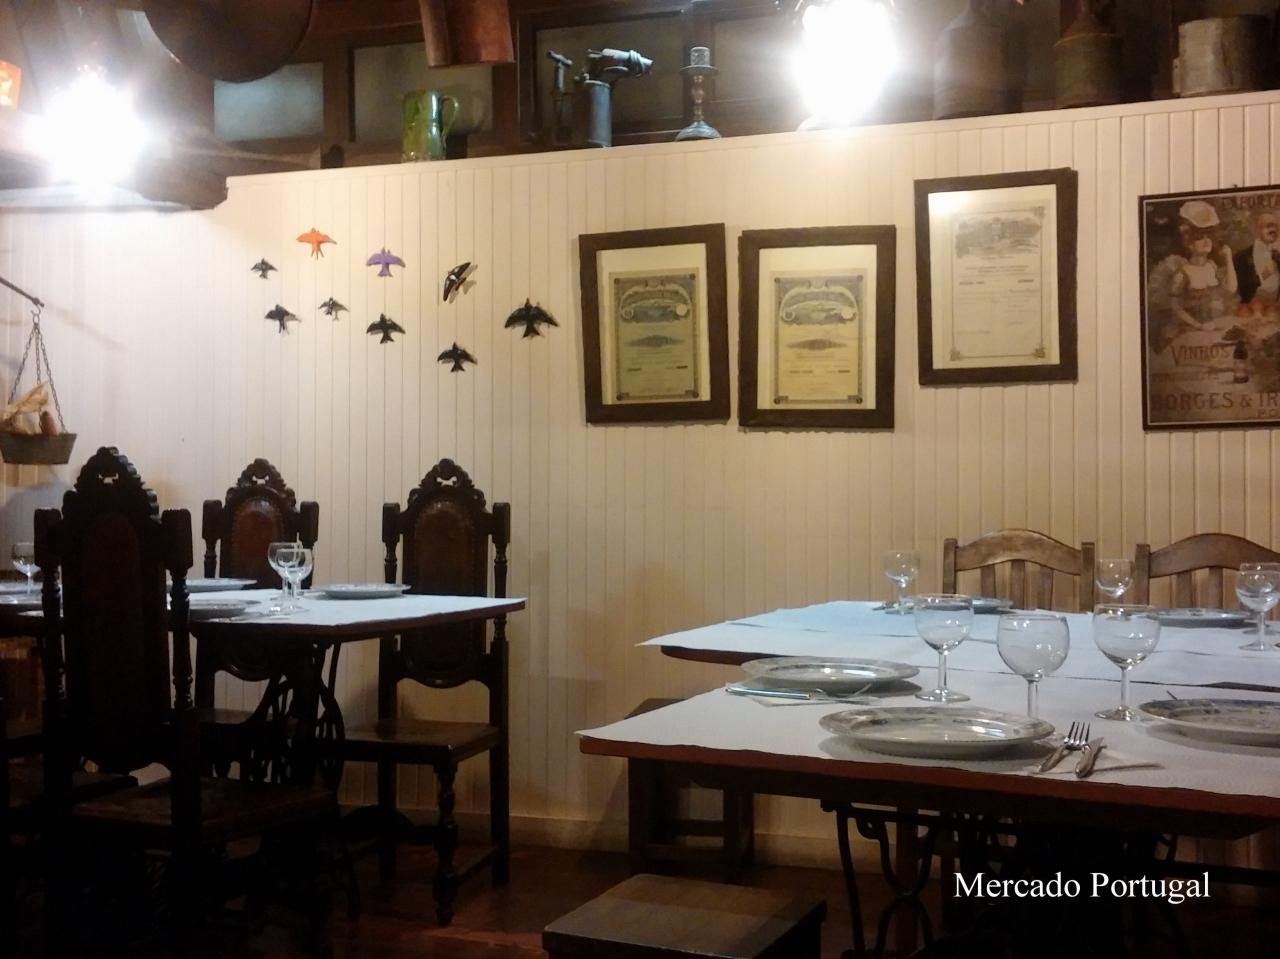 ポルトガル料理が楽しめて落ち着いた雰囲気も素敵です。